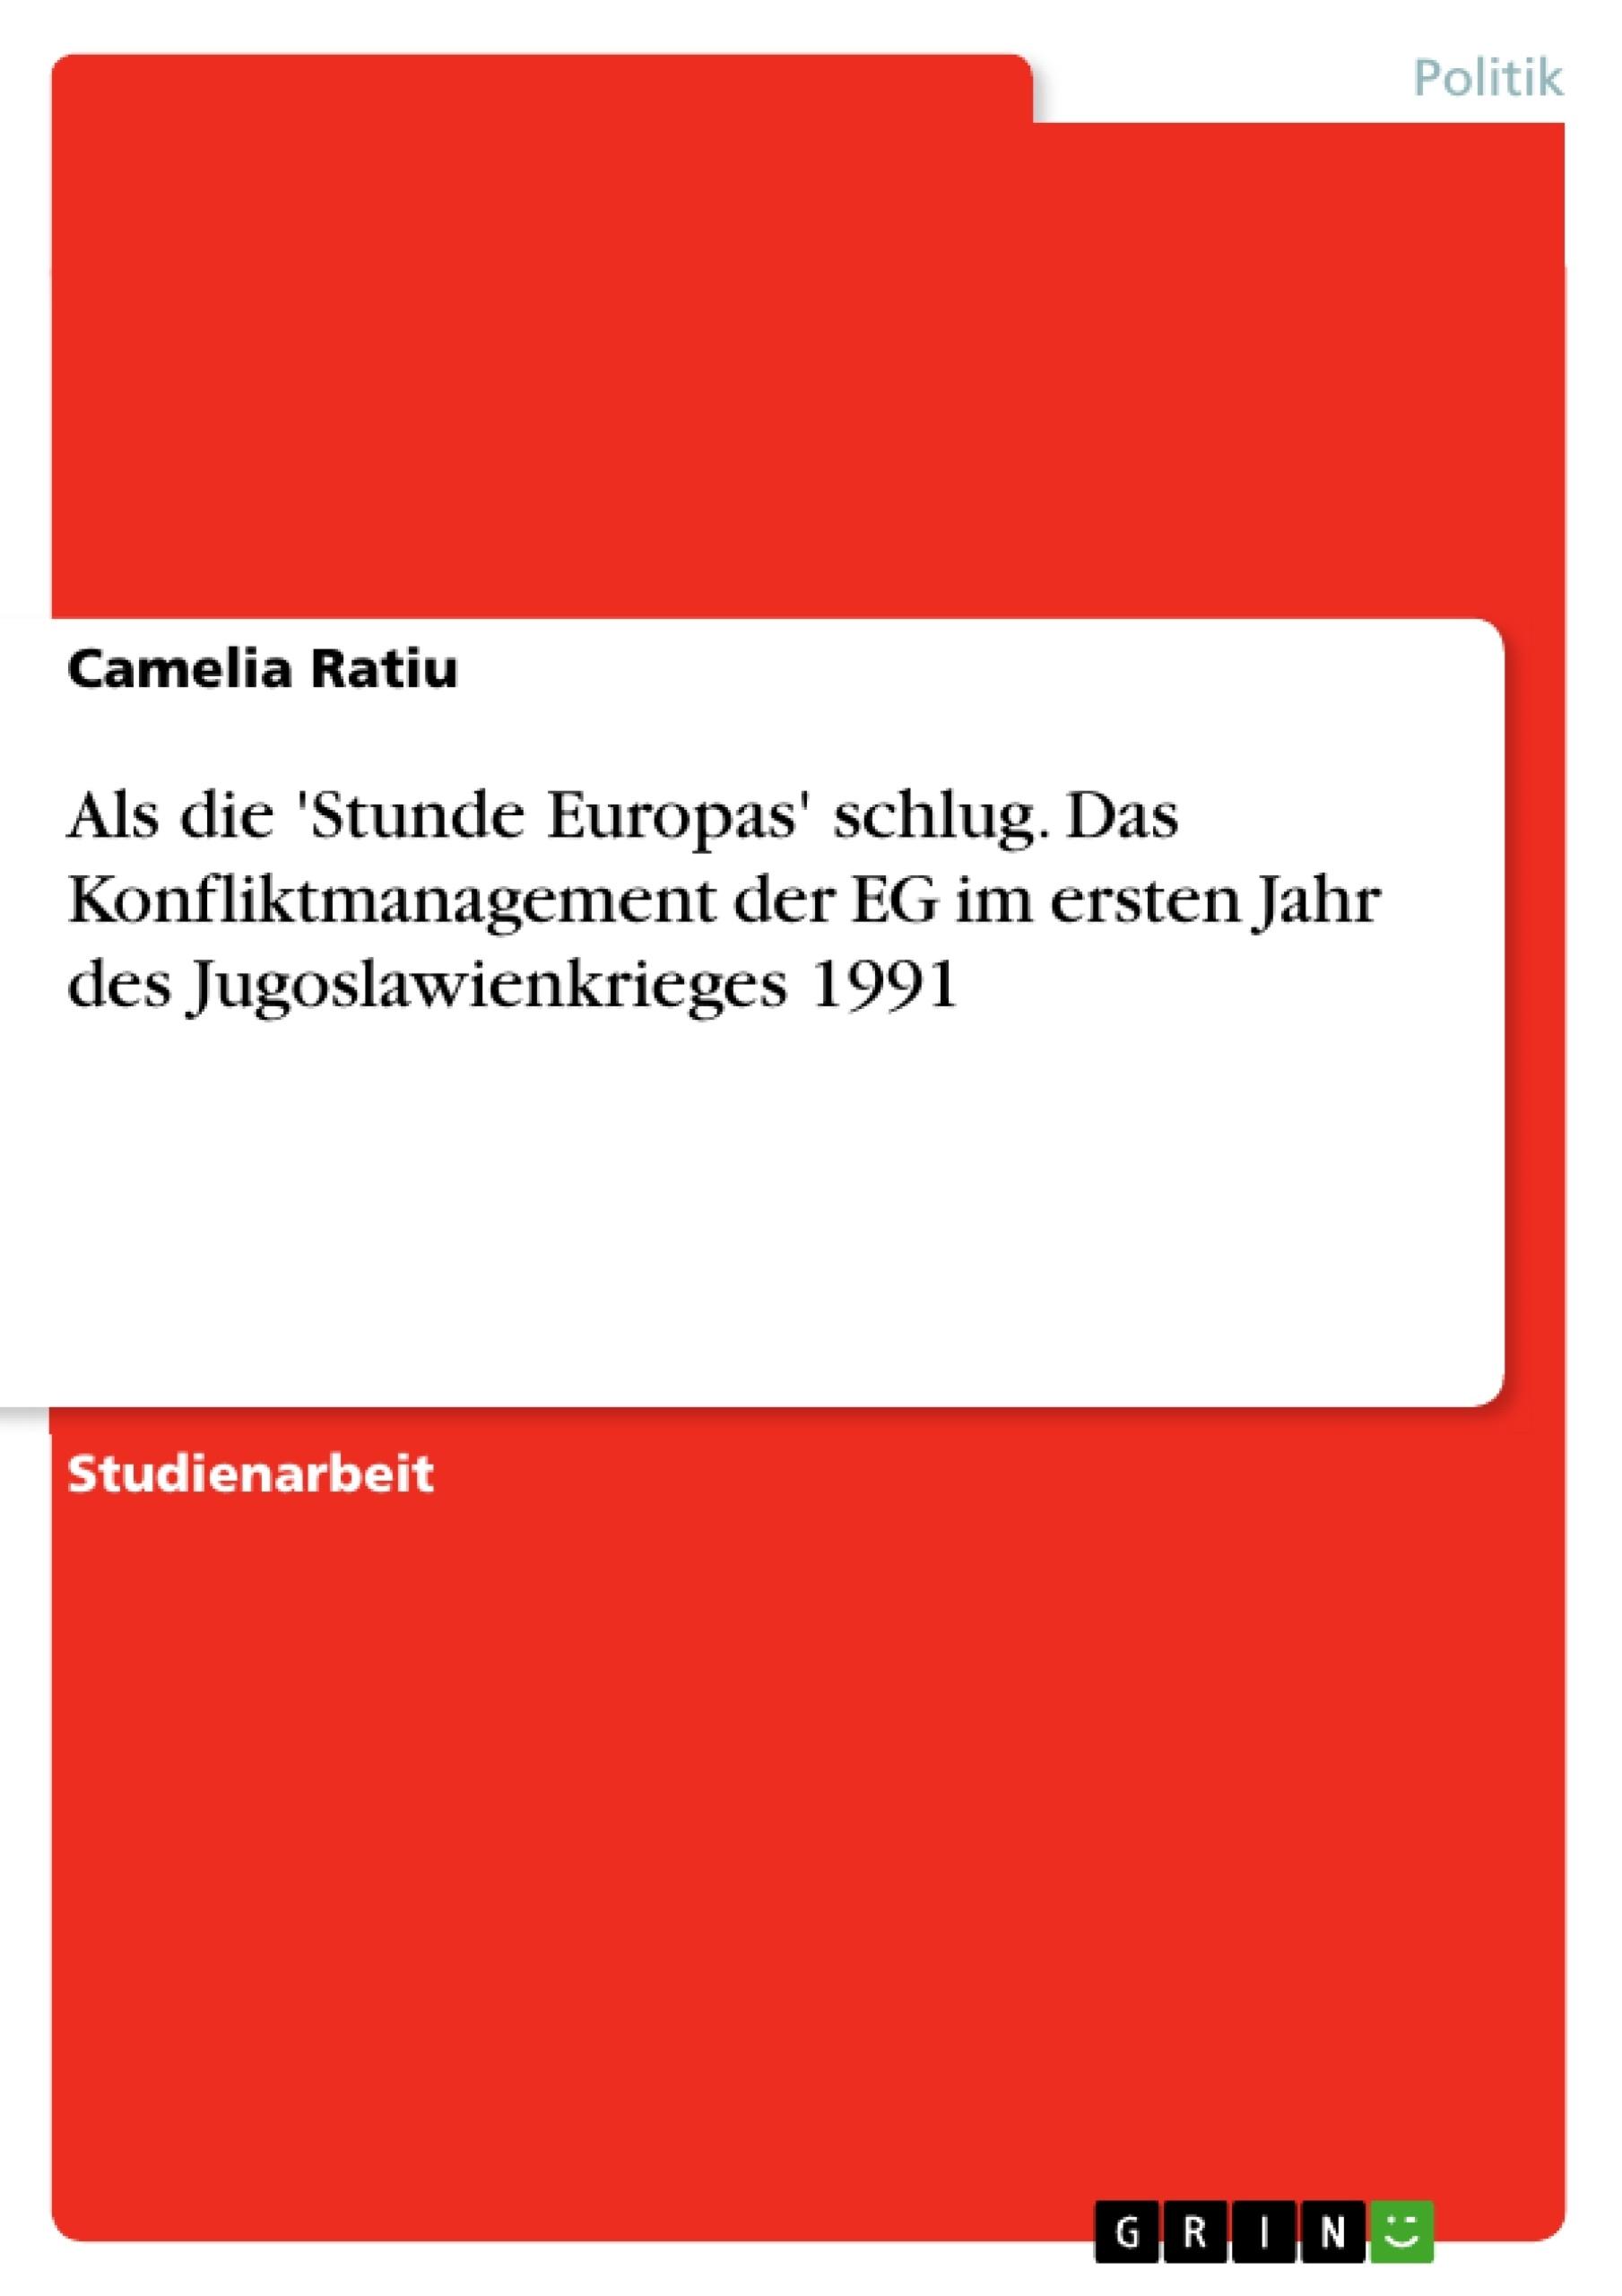 Titel: Als die 'Stunde Europas' schlug. Das Konfliktmanagement der EG im ersten Jahr des Jugoslawienkrieges 1991